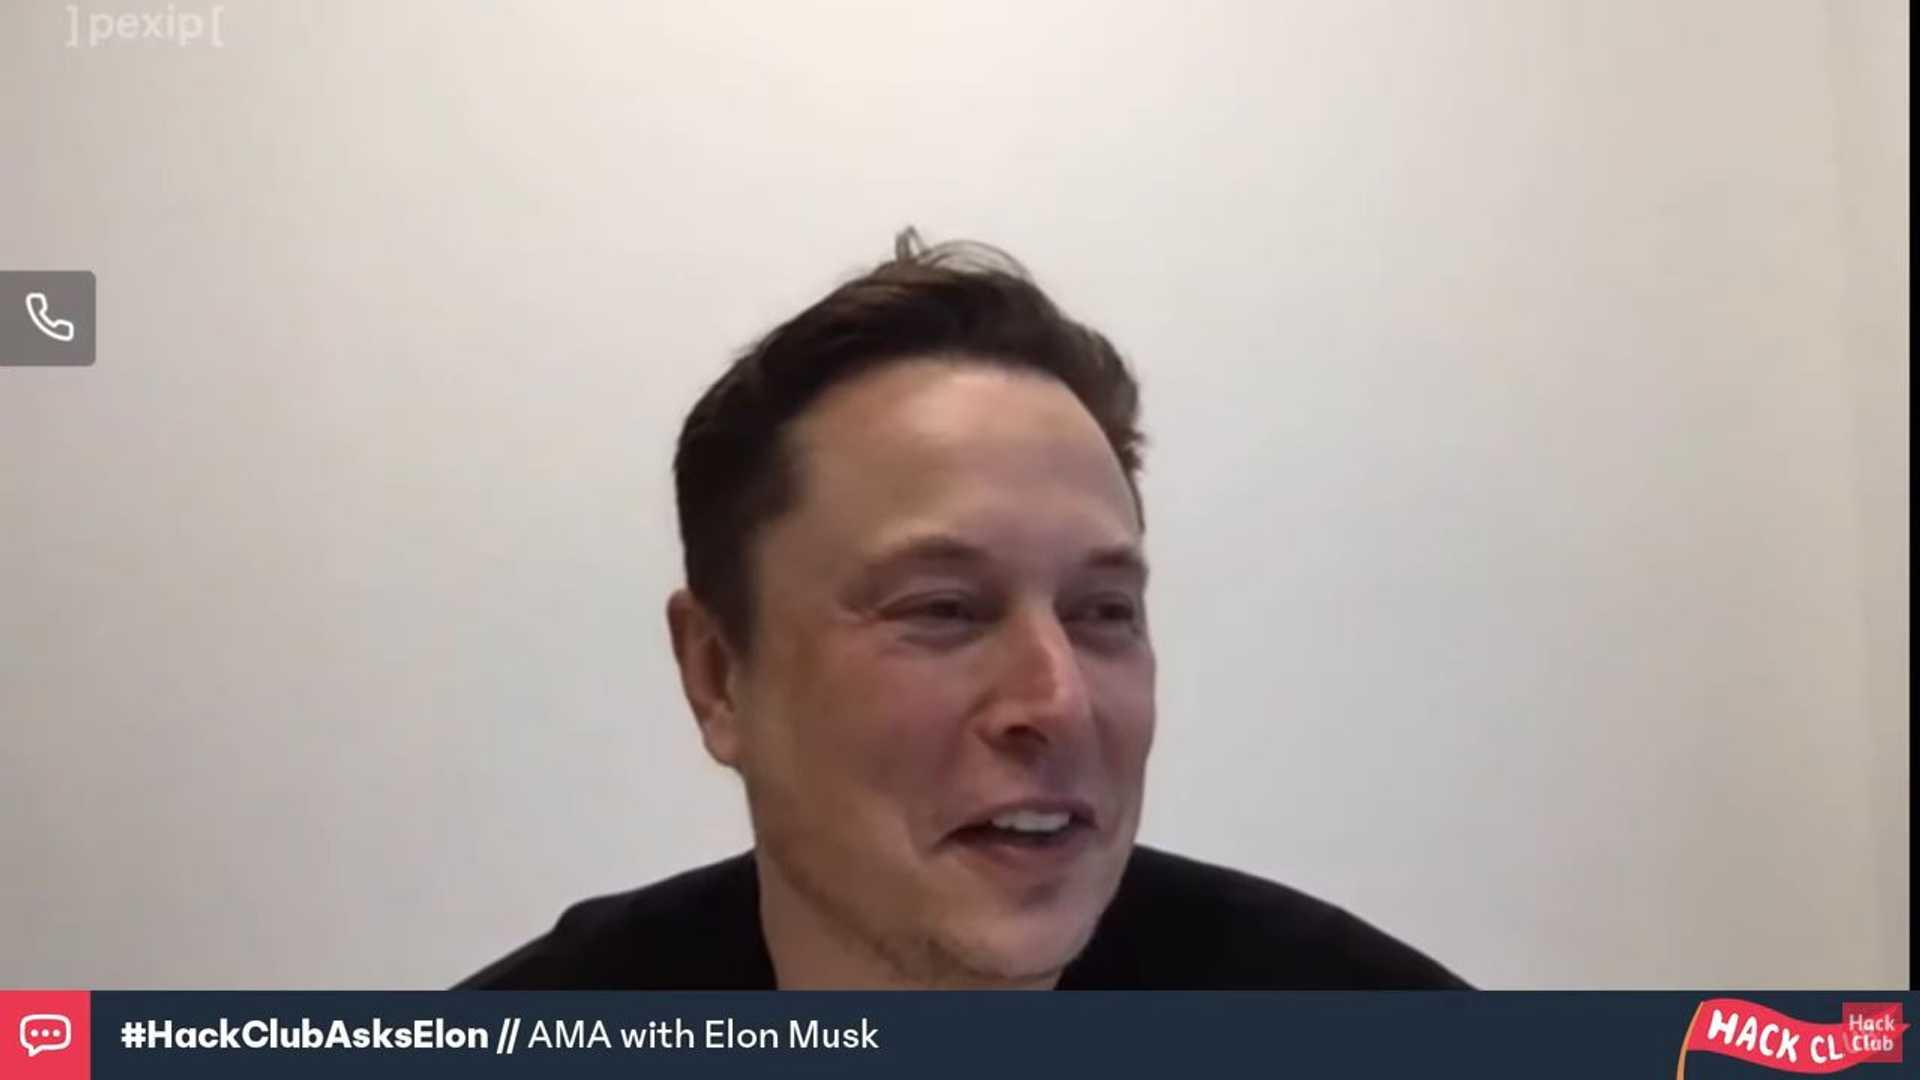 Потерянные среди твитов Маск, это удивительное интервью с хакерами средней школы